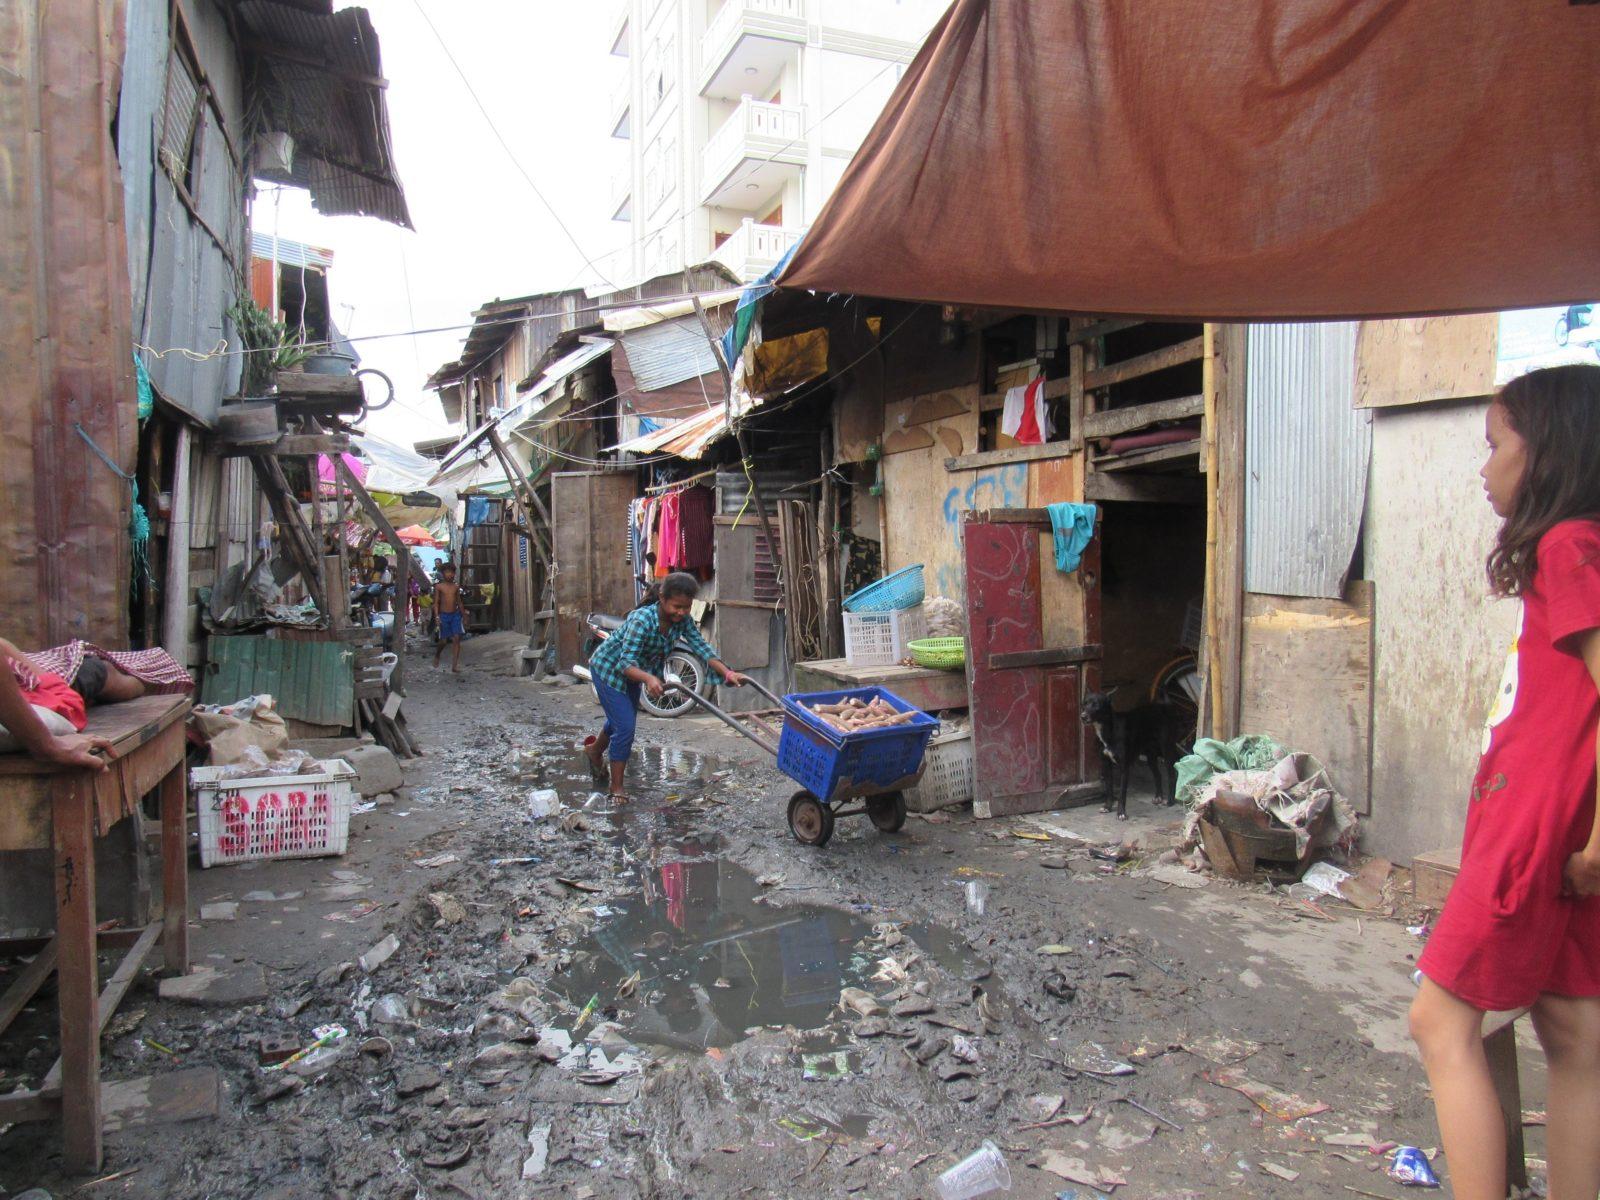 Gasse in einem ärmeren Stadtviertel © STT